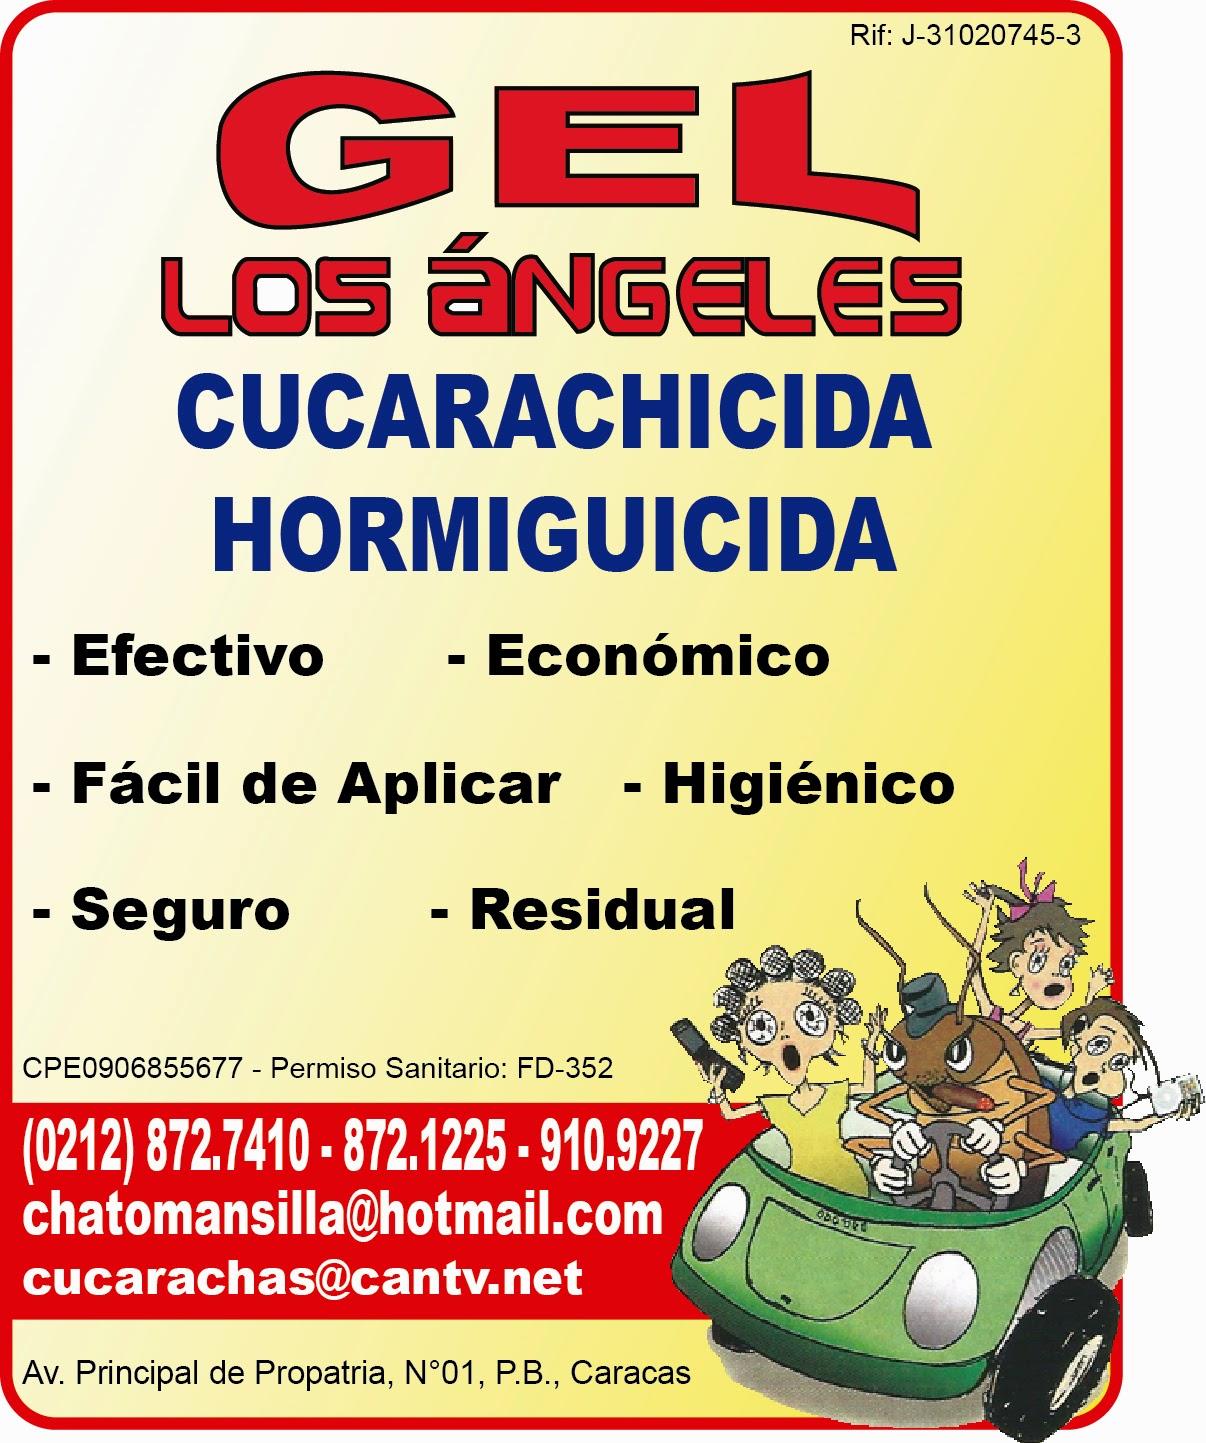 INTERAMERICANA DE PESTICIDAS en Paginas Amarillas tu guia Comercial